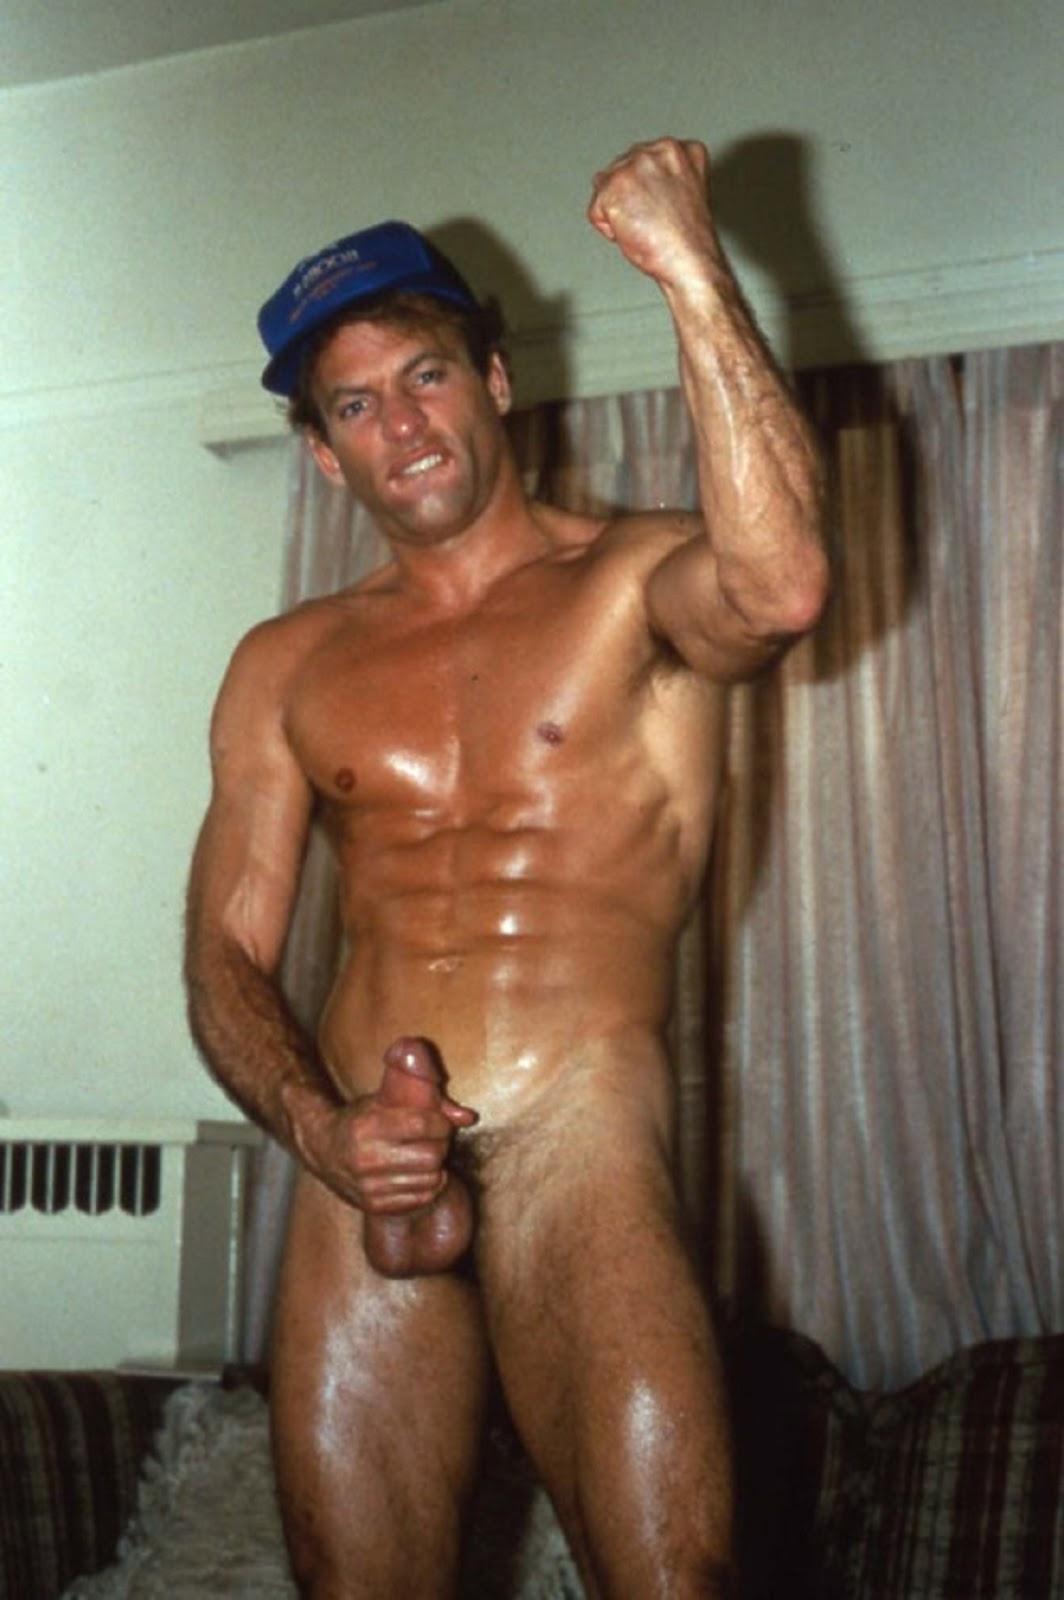 Eric Ryan vintage gay hot daddy dude men porn